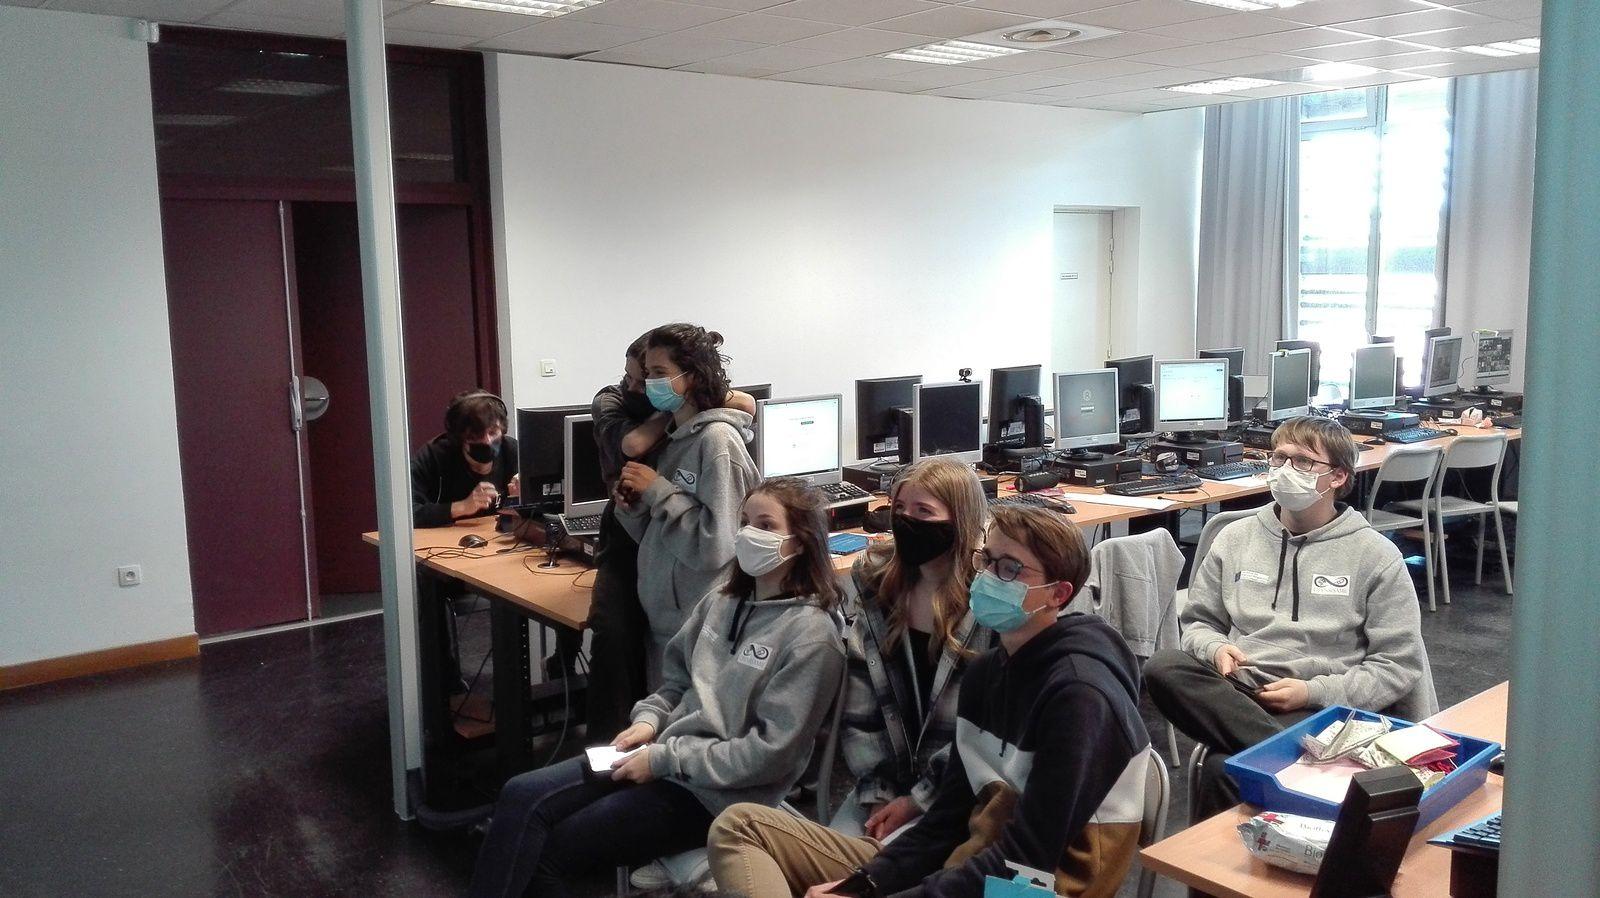 Mobilité Erasmus Open Sesame en Espagne: mobilité virtuelle mais réalisations concrètes!